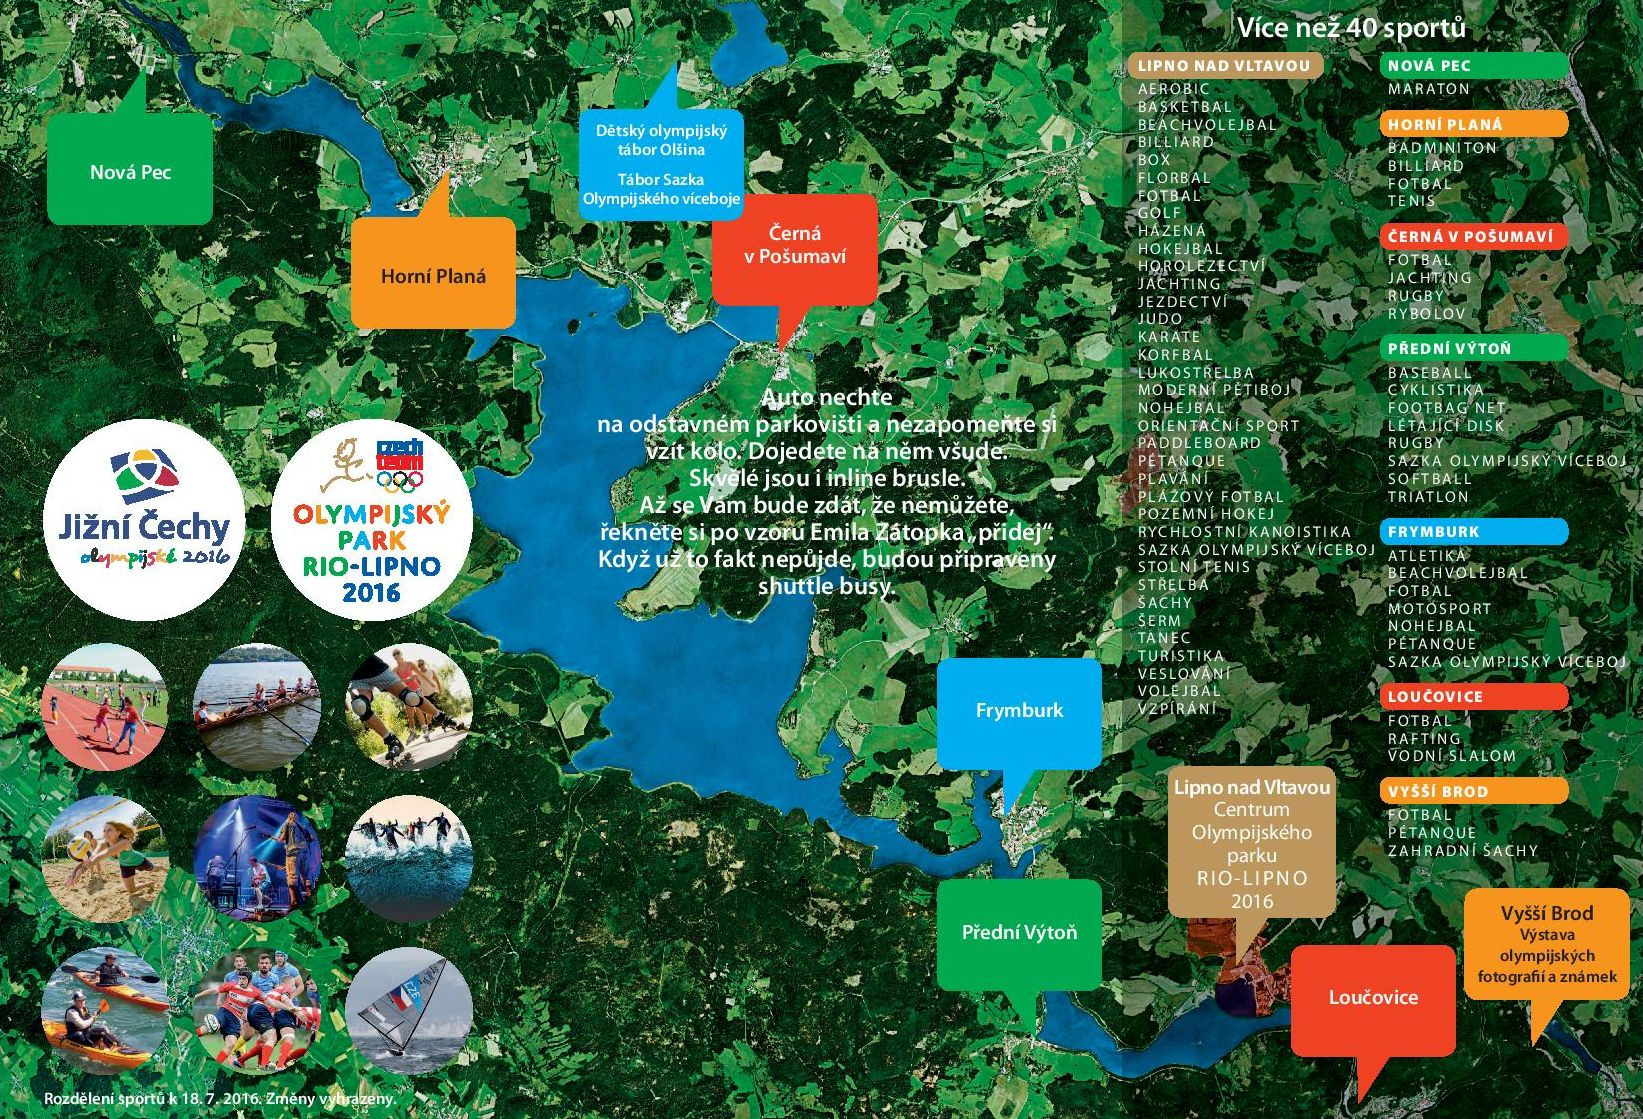 Olympijský park Rio-Lipno 2016 se rozkládá na ploše kolem celé lipenské přehrady